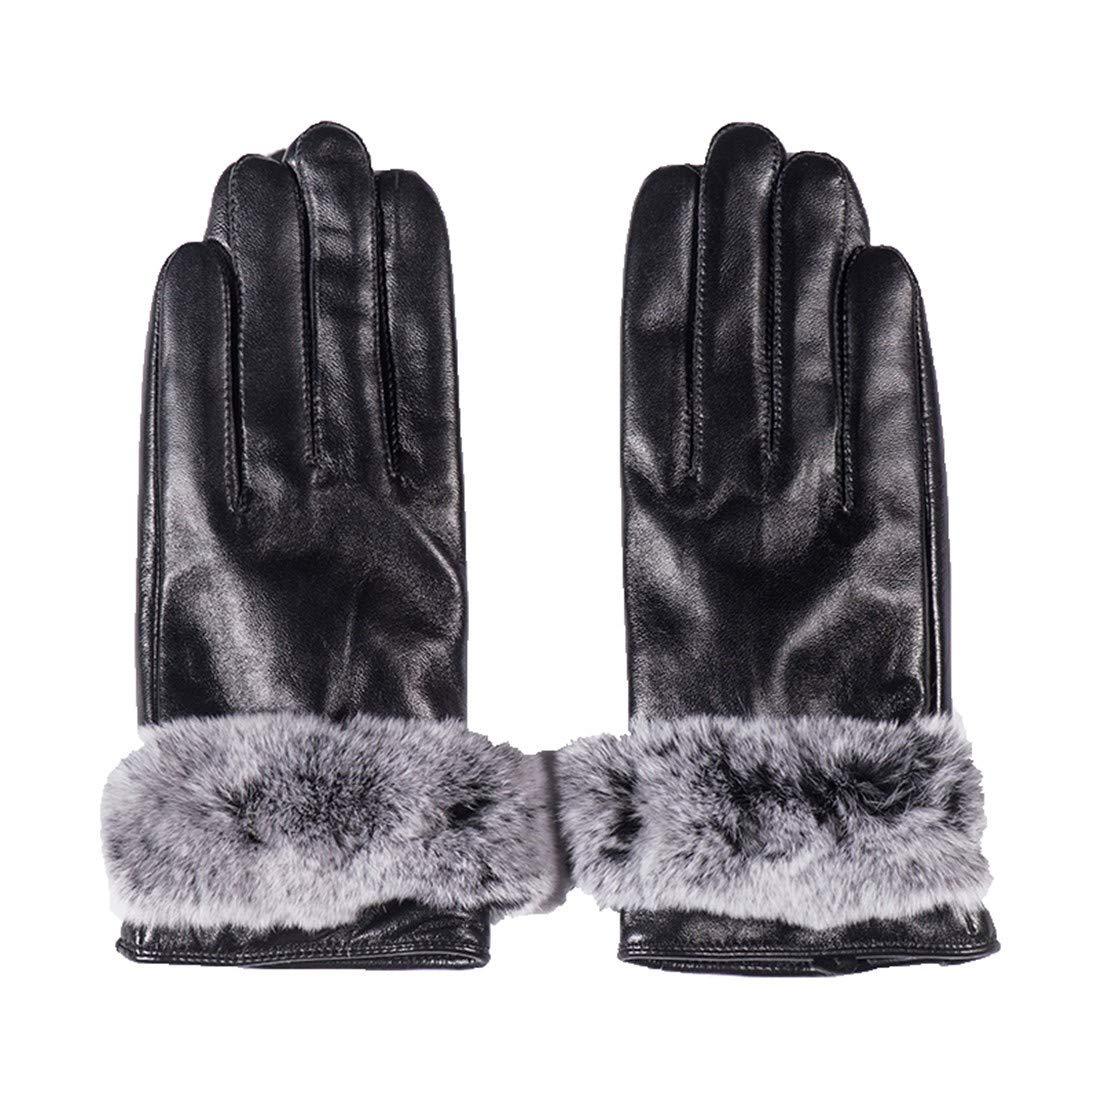 BYMHH Lederhandschuhe Herbst und Winter Schaffell Handschuhe, schwarz, M